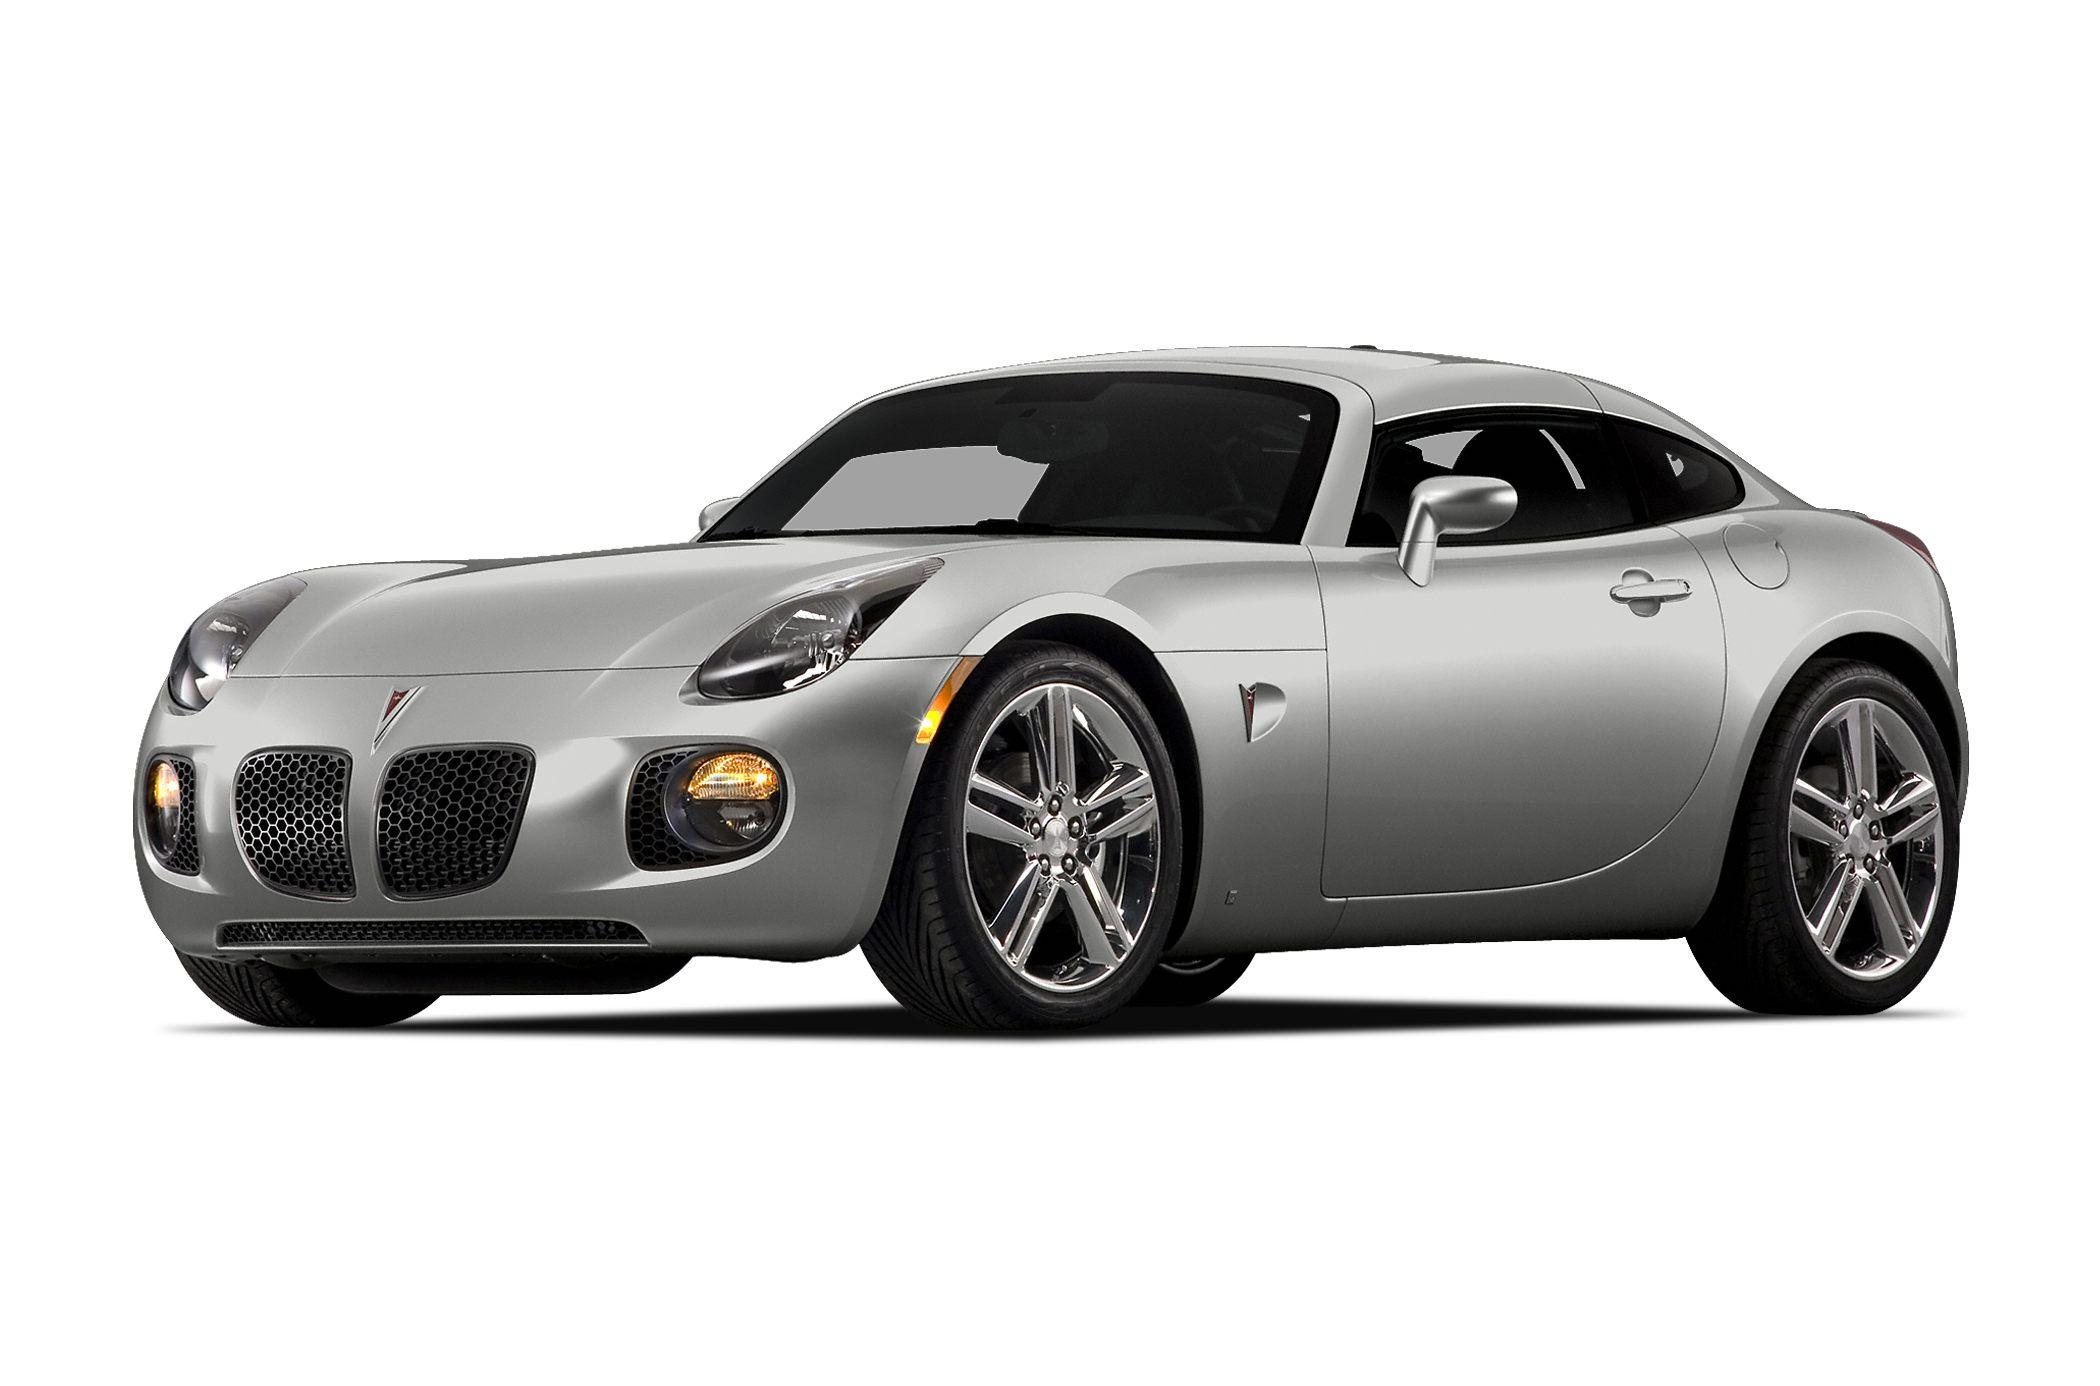 2009 Pontiac Solstice Specs